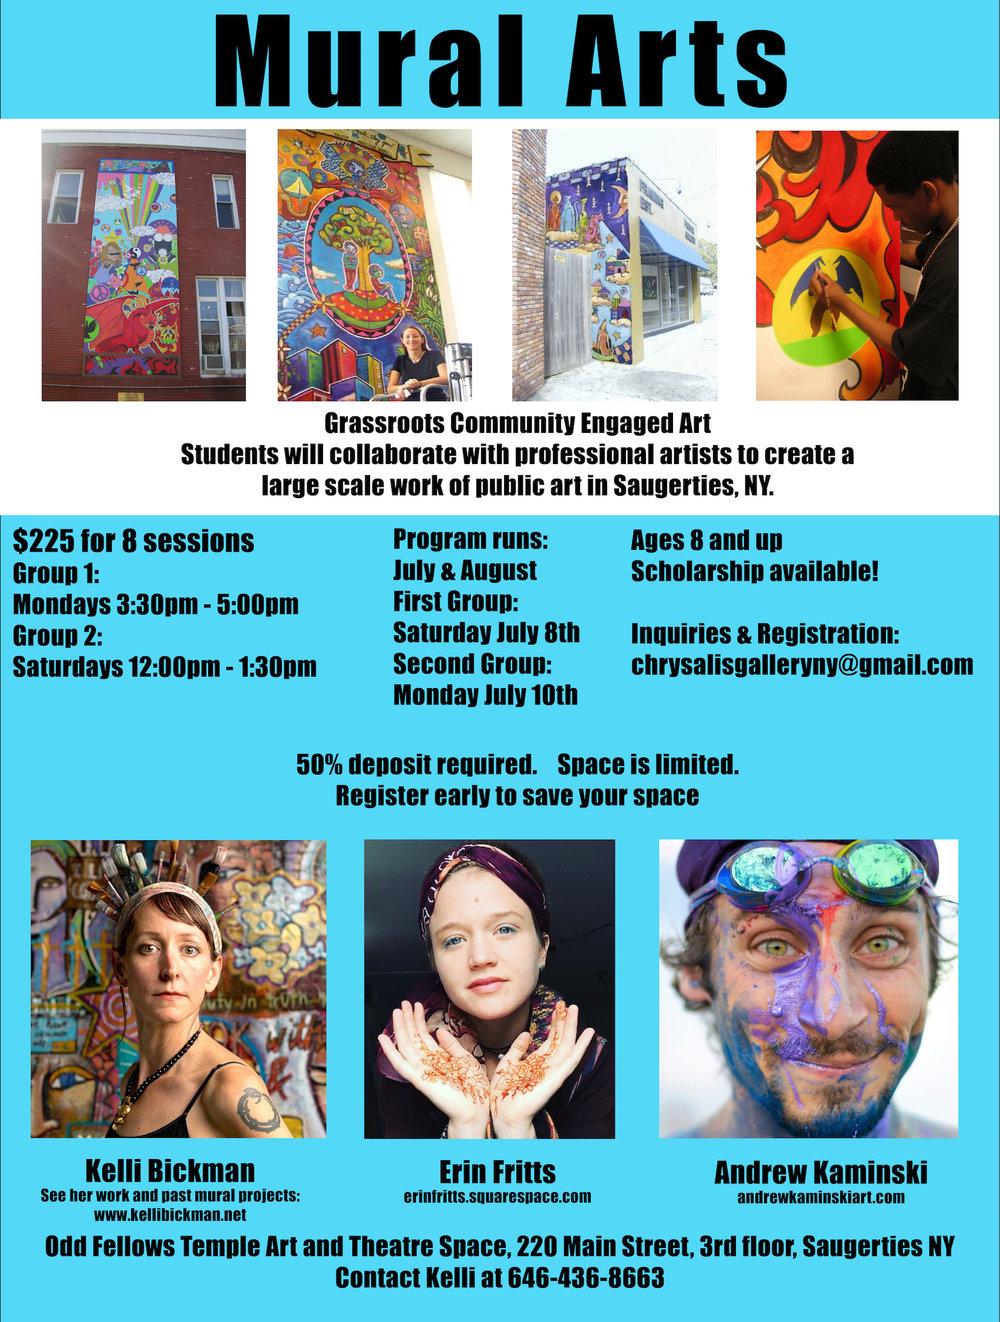 Youth Mural Arts, Saugerties, NY